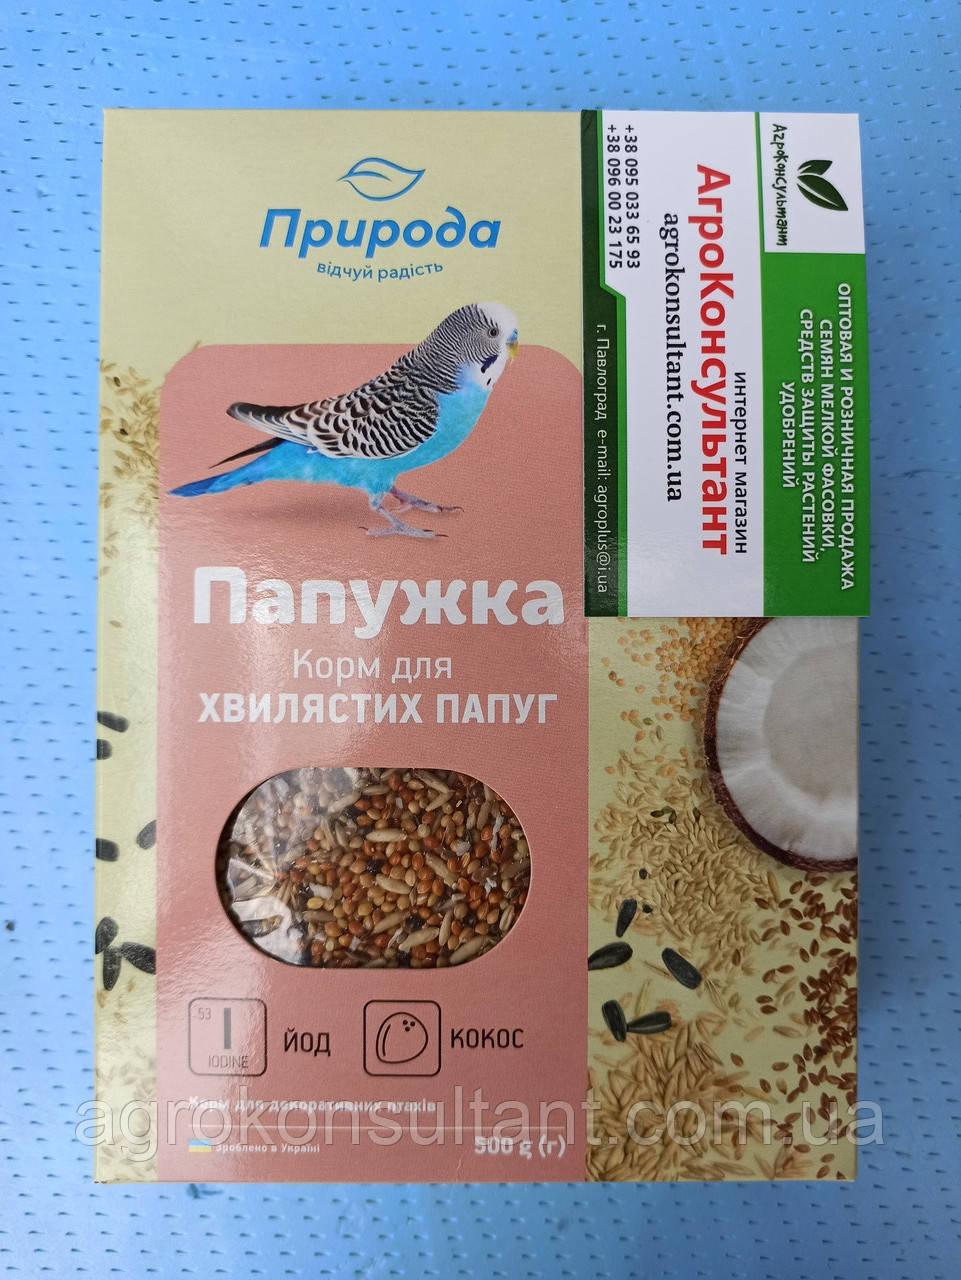 """Корм """"Папужка. Йод + кокос"""", 500 м - повноцінний вітамінізований корм для хвилястих папуг"""